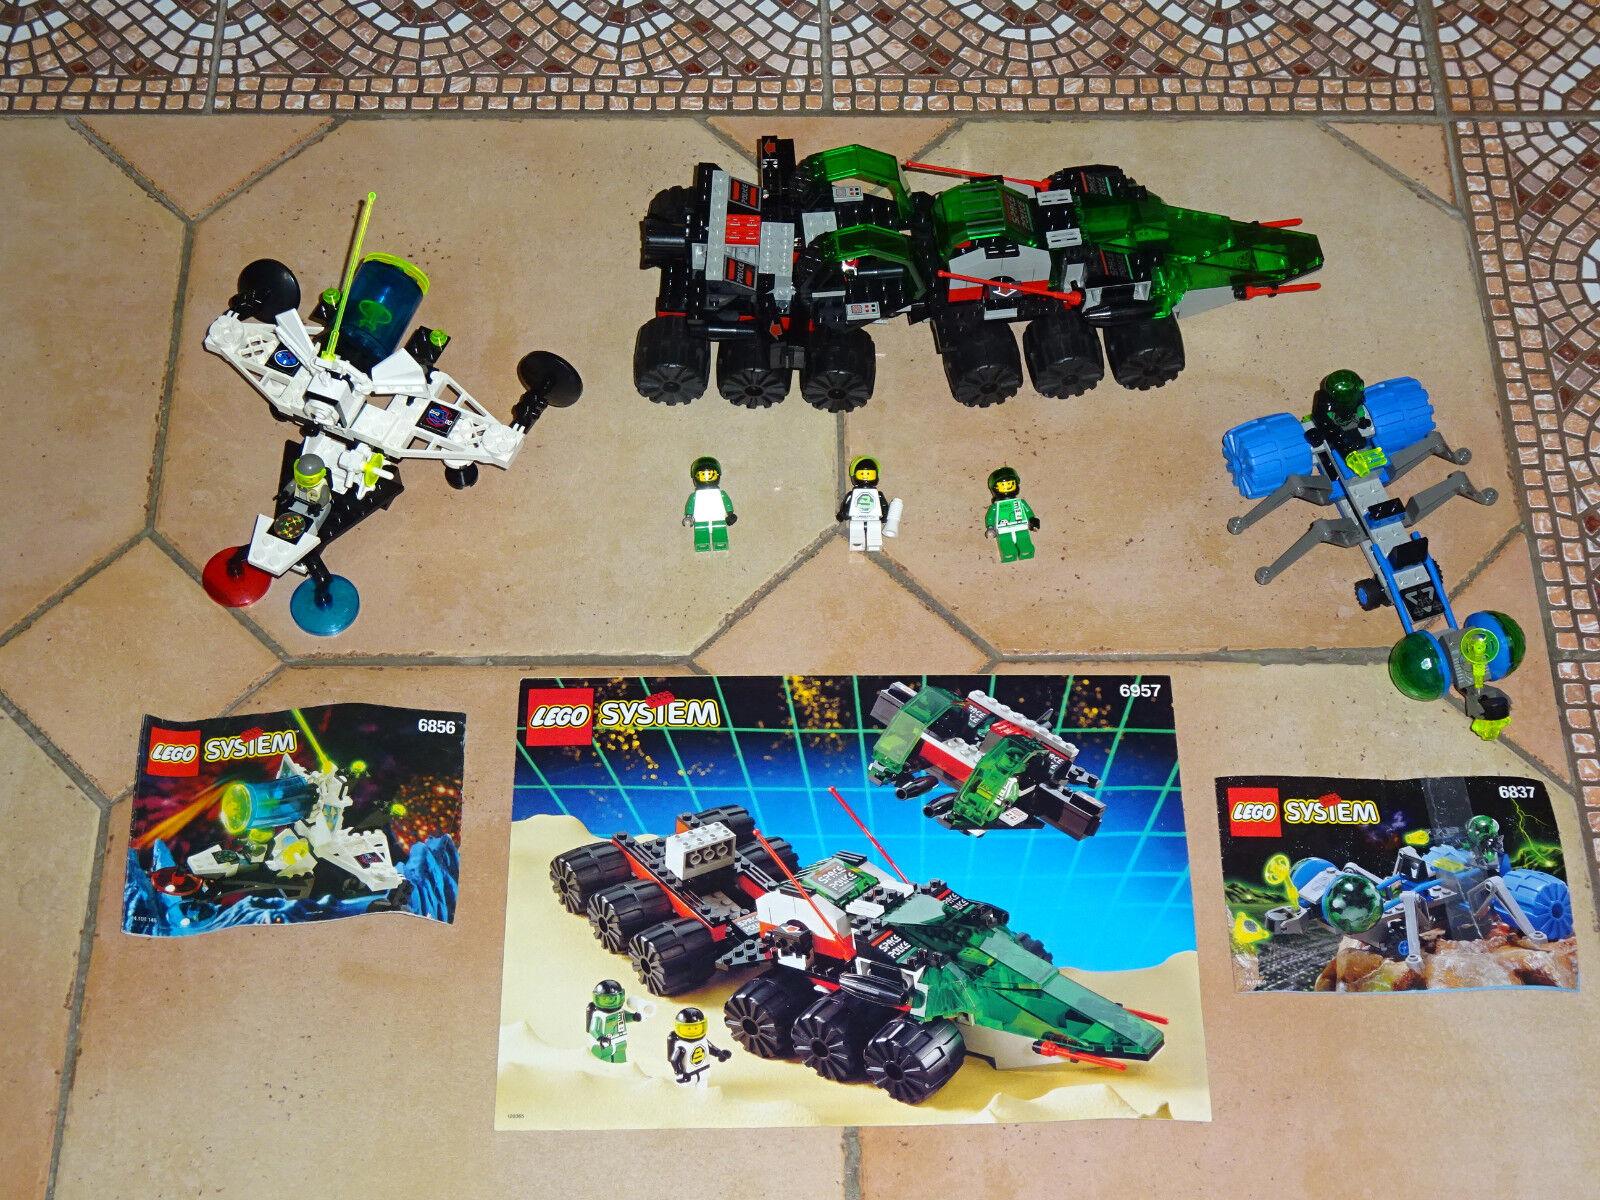 LOT  Lego ESPACE-6957-Solar-Snooper 6837 6856 COMPLET AVEC NOTICE